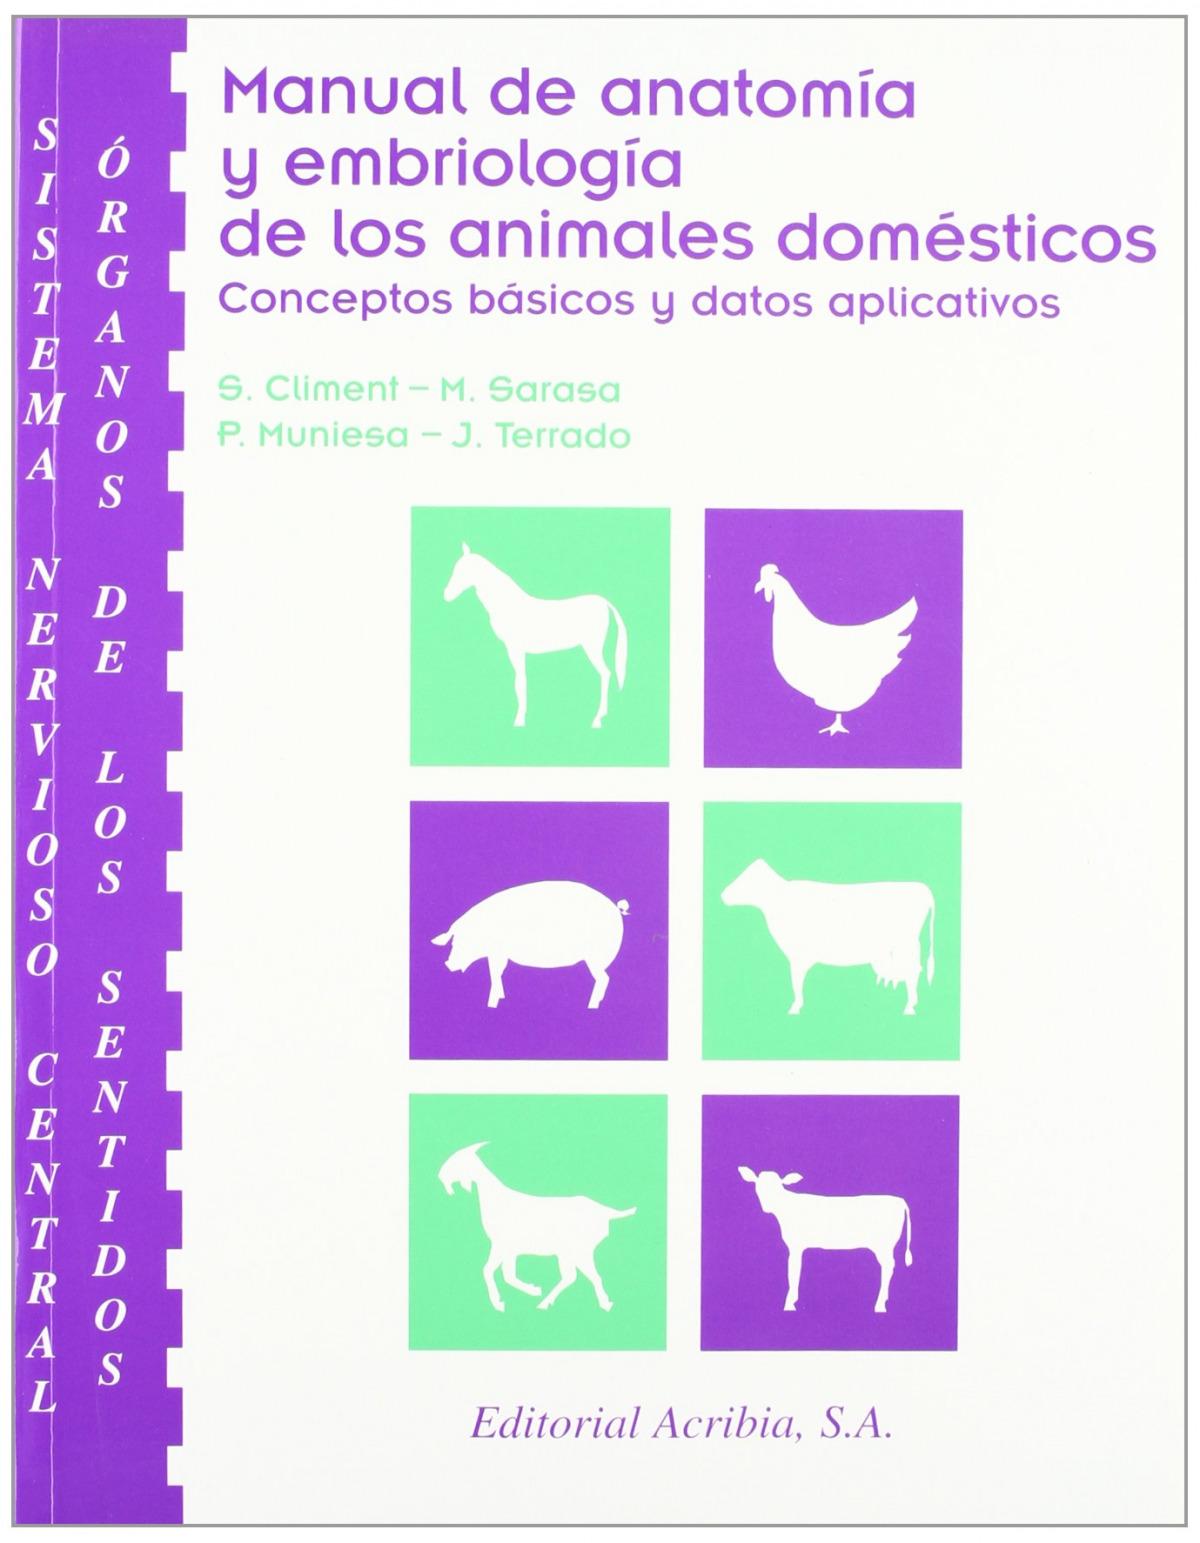 SISTEMA NERVIOSO CENTRAL/ÓRGANOS DE LOS SENTIDOS MANUAL DE ANATOMÍA/EMBRIOLOGÍA DE LOS ANIMALES DOMÉ